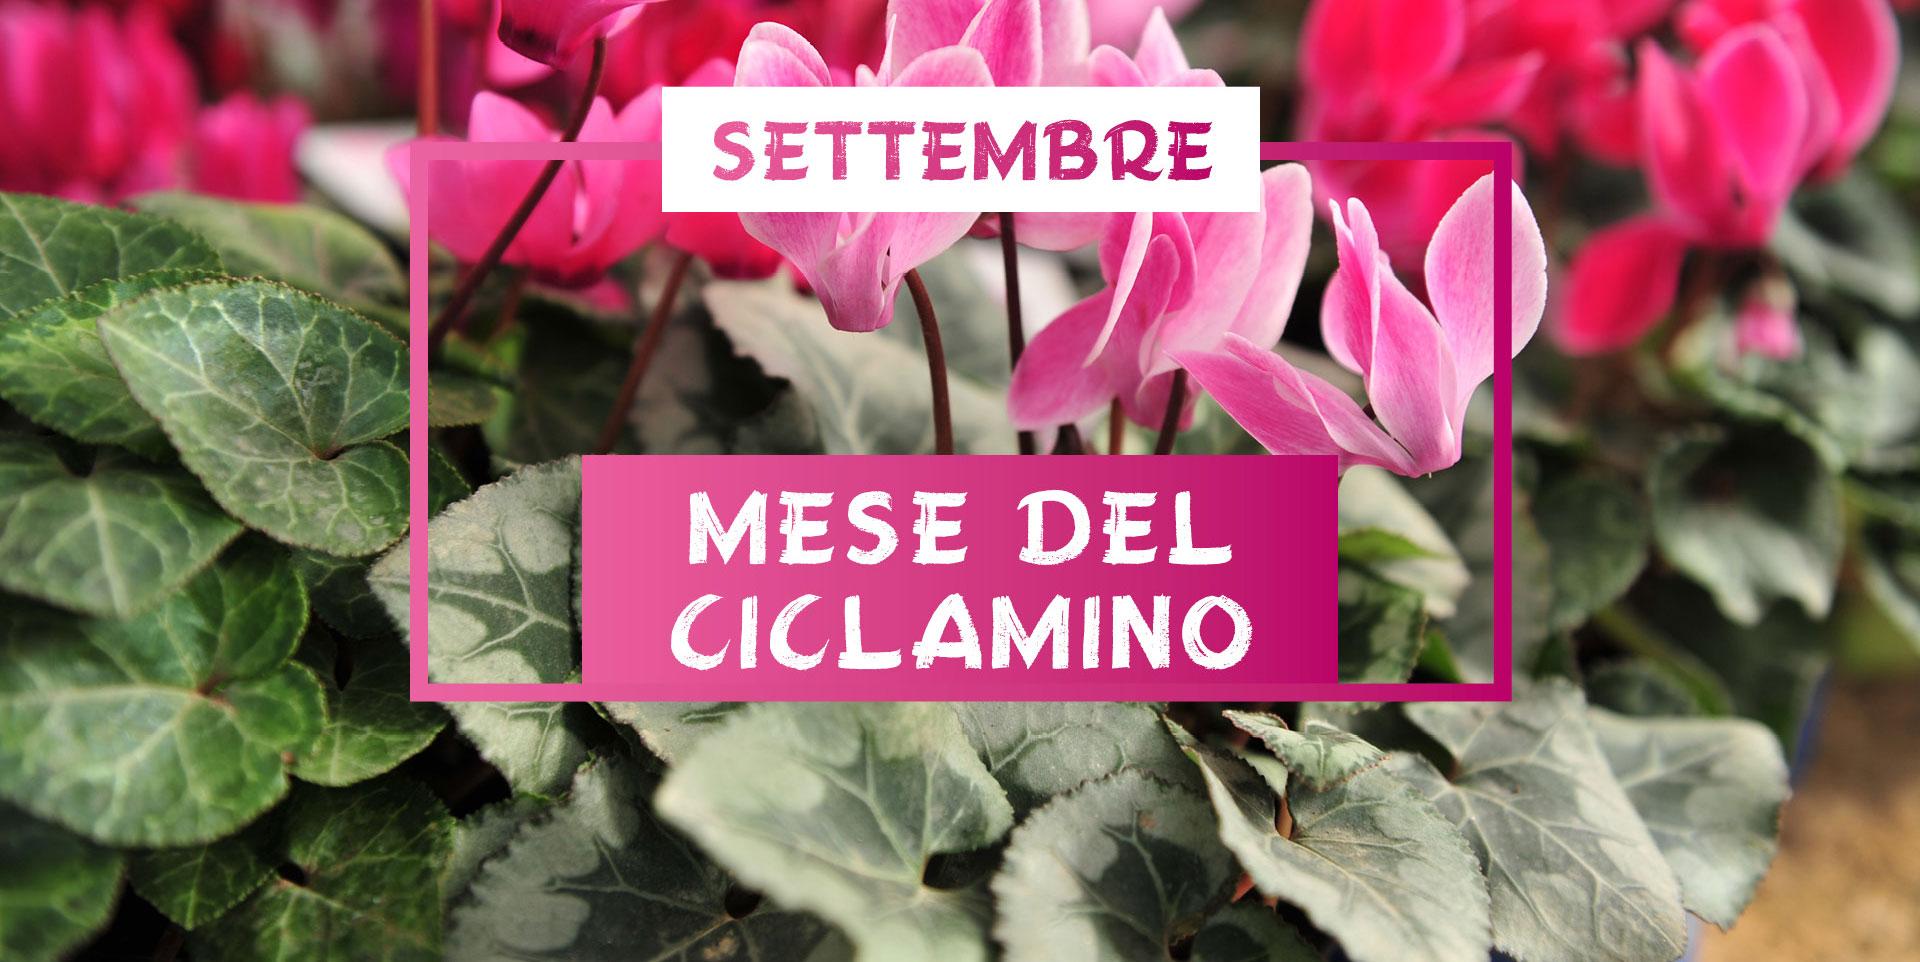 mese_del_ciclamino_centro_giardinaggio_pellegrini